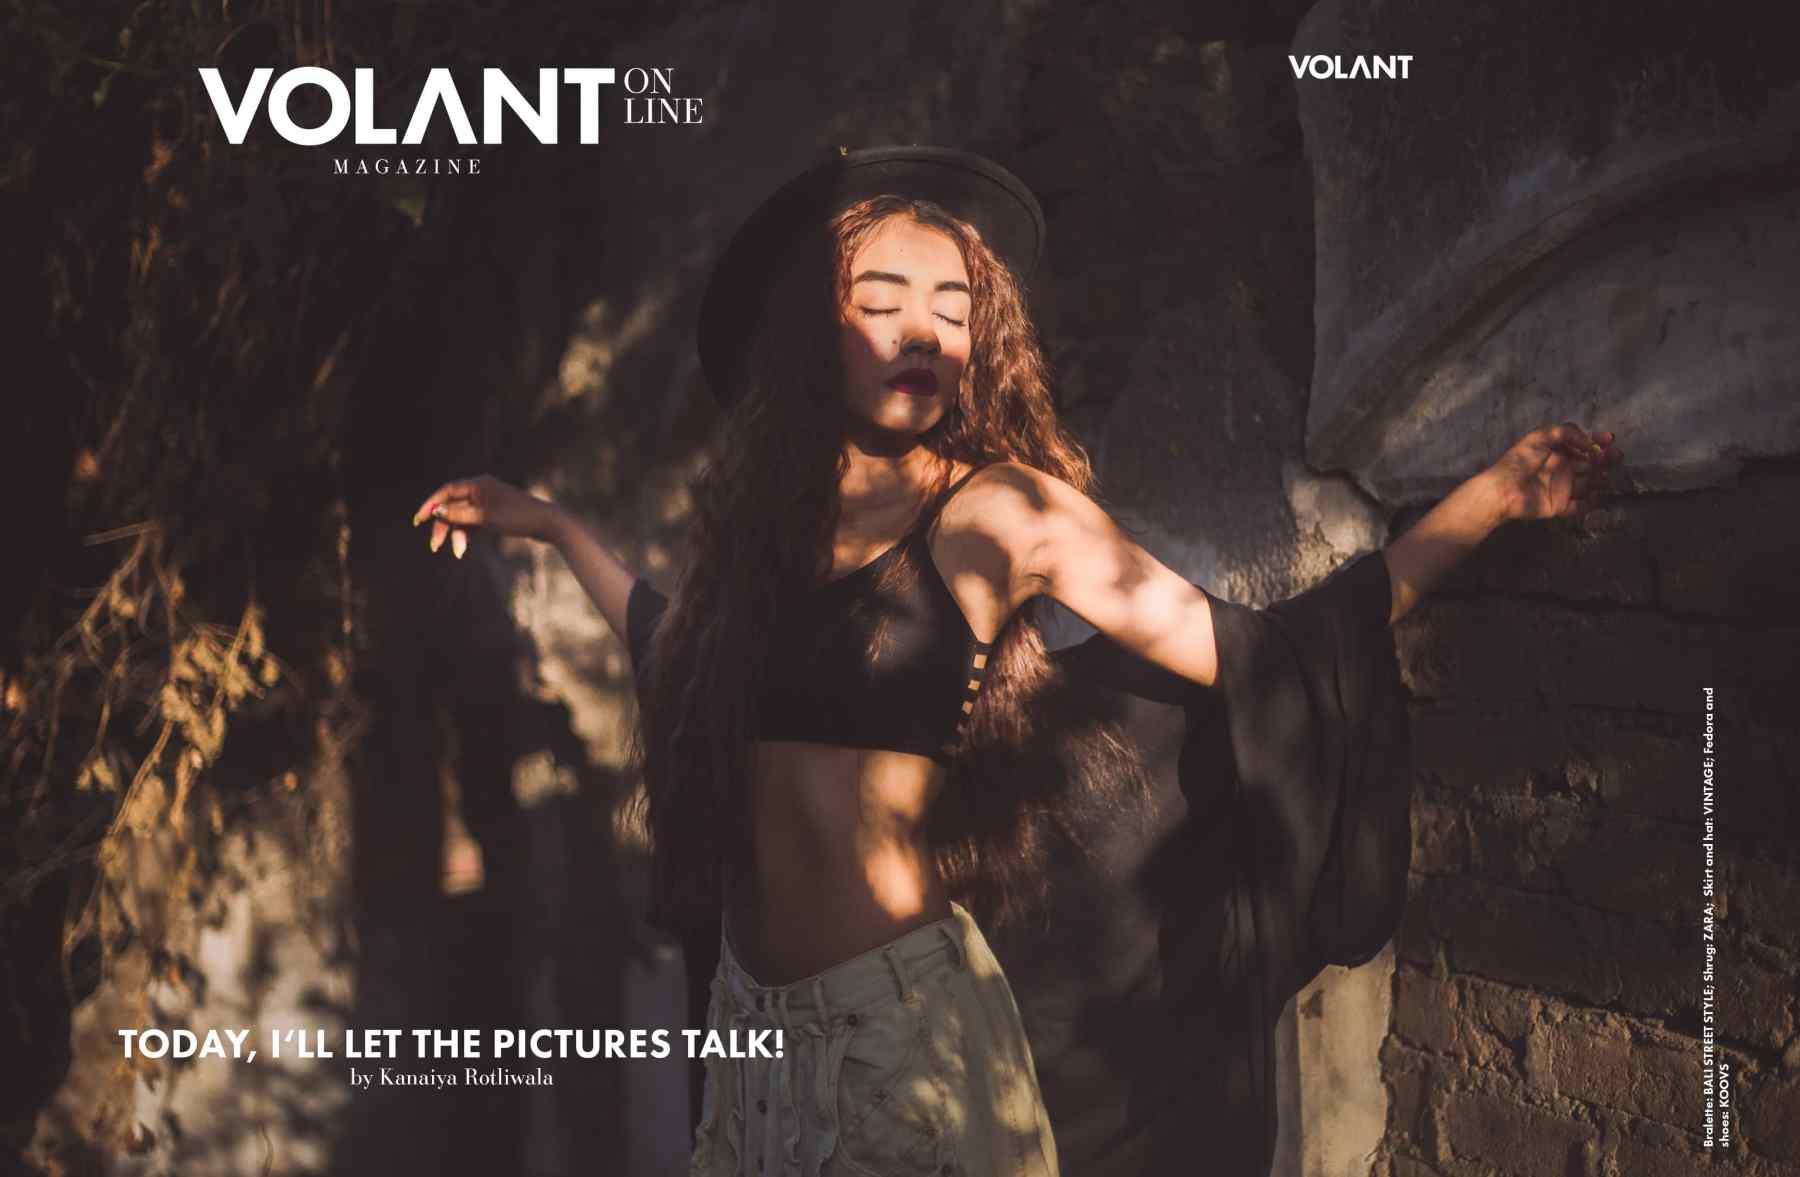 volant-webitorial-todayiwillletthepicturestalk